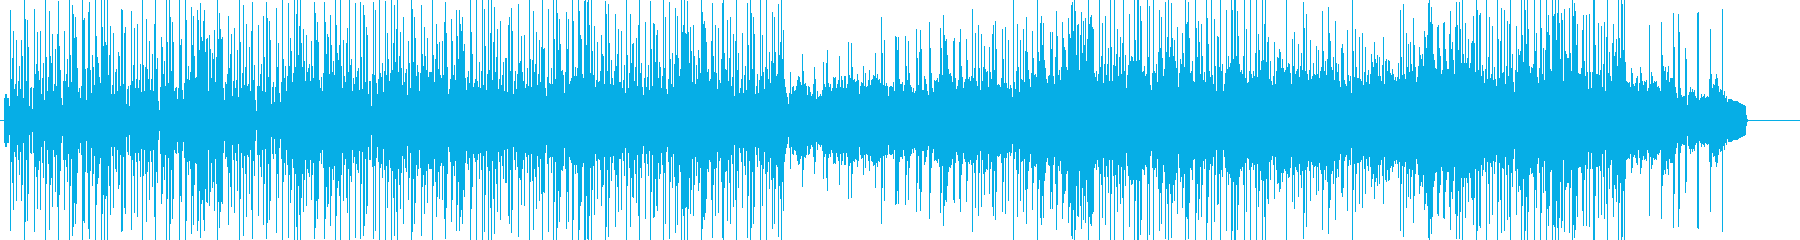 劇伴 緊迫感のあるミニマルギターロックの再生済みの波形